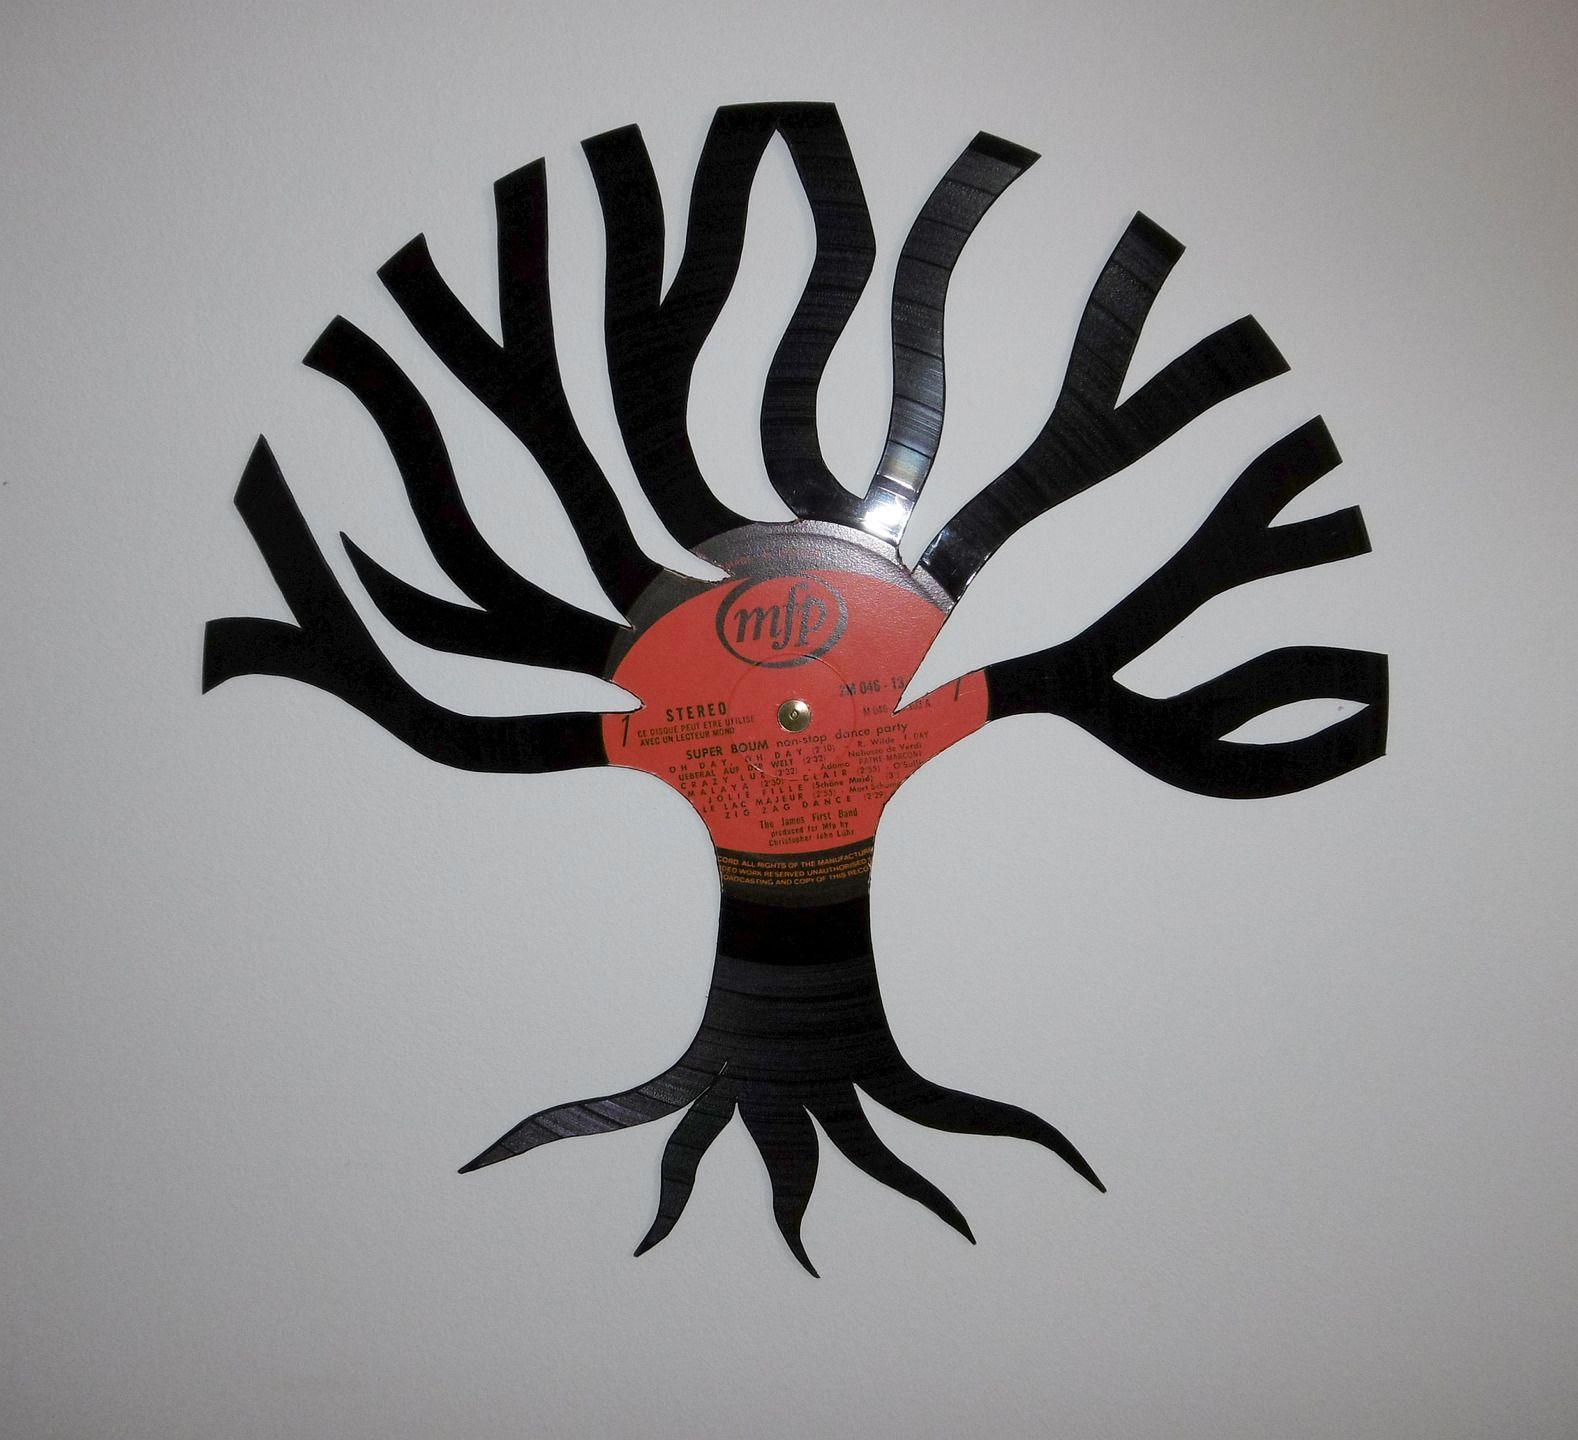 Décoration murale - Disque vinyle 33 tours découpé à la main - Création unique et originale ! : Décorations murales par tout-en-vinyle